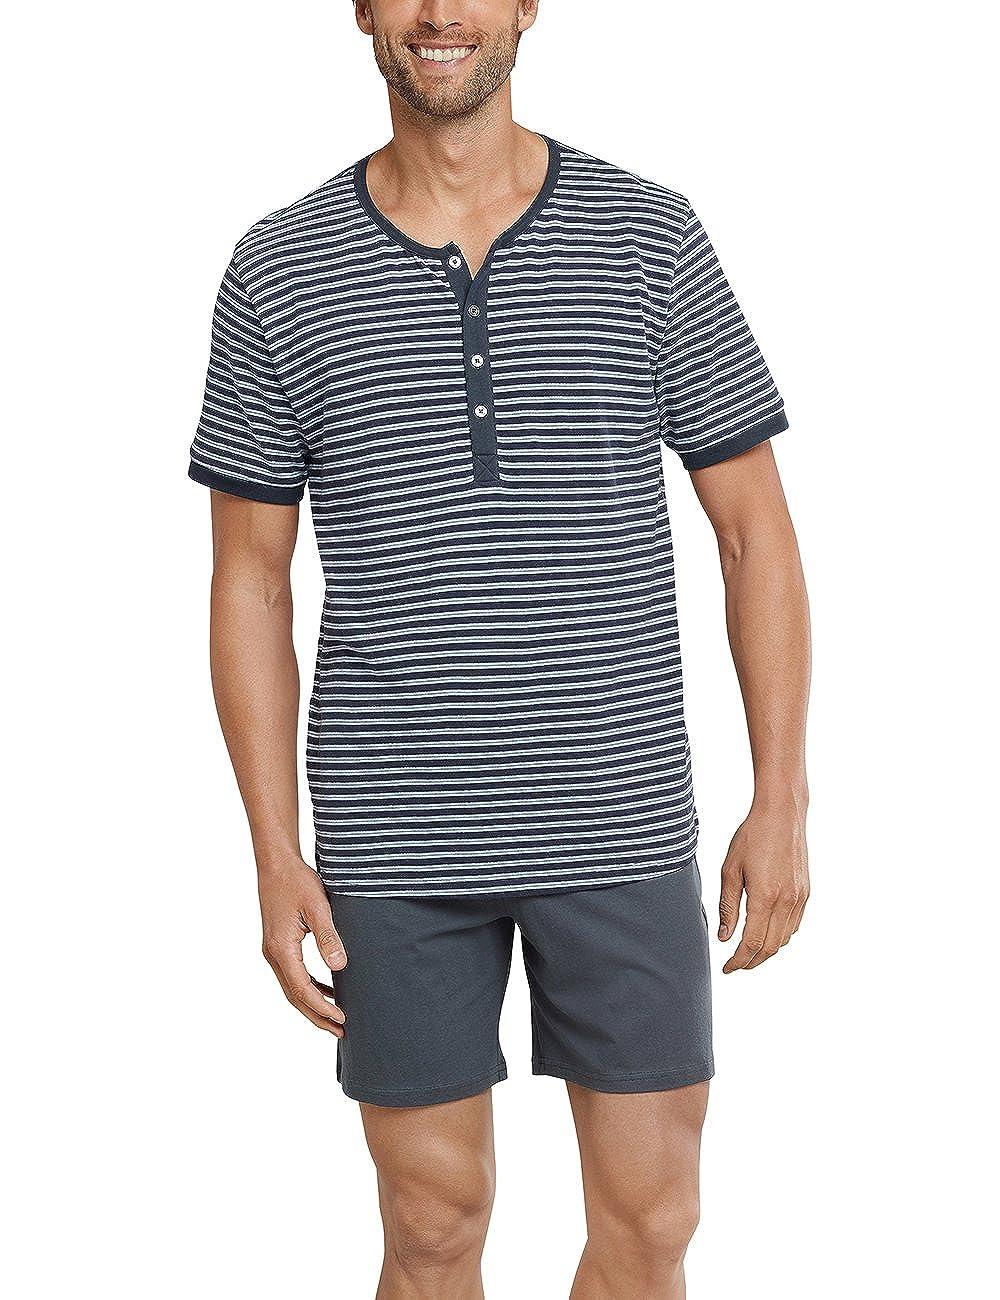 Schiesser Anzug Kurz, Pantalones de Pijama para Hombre